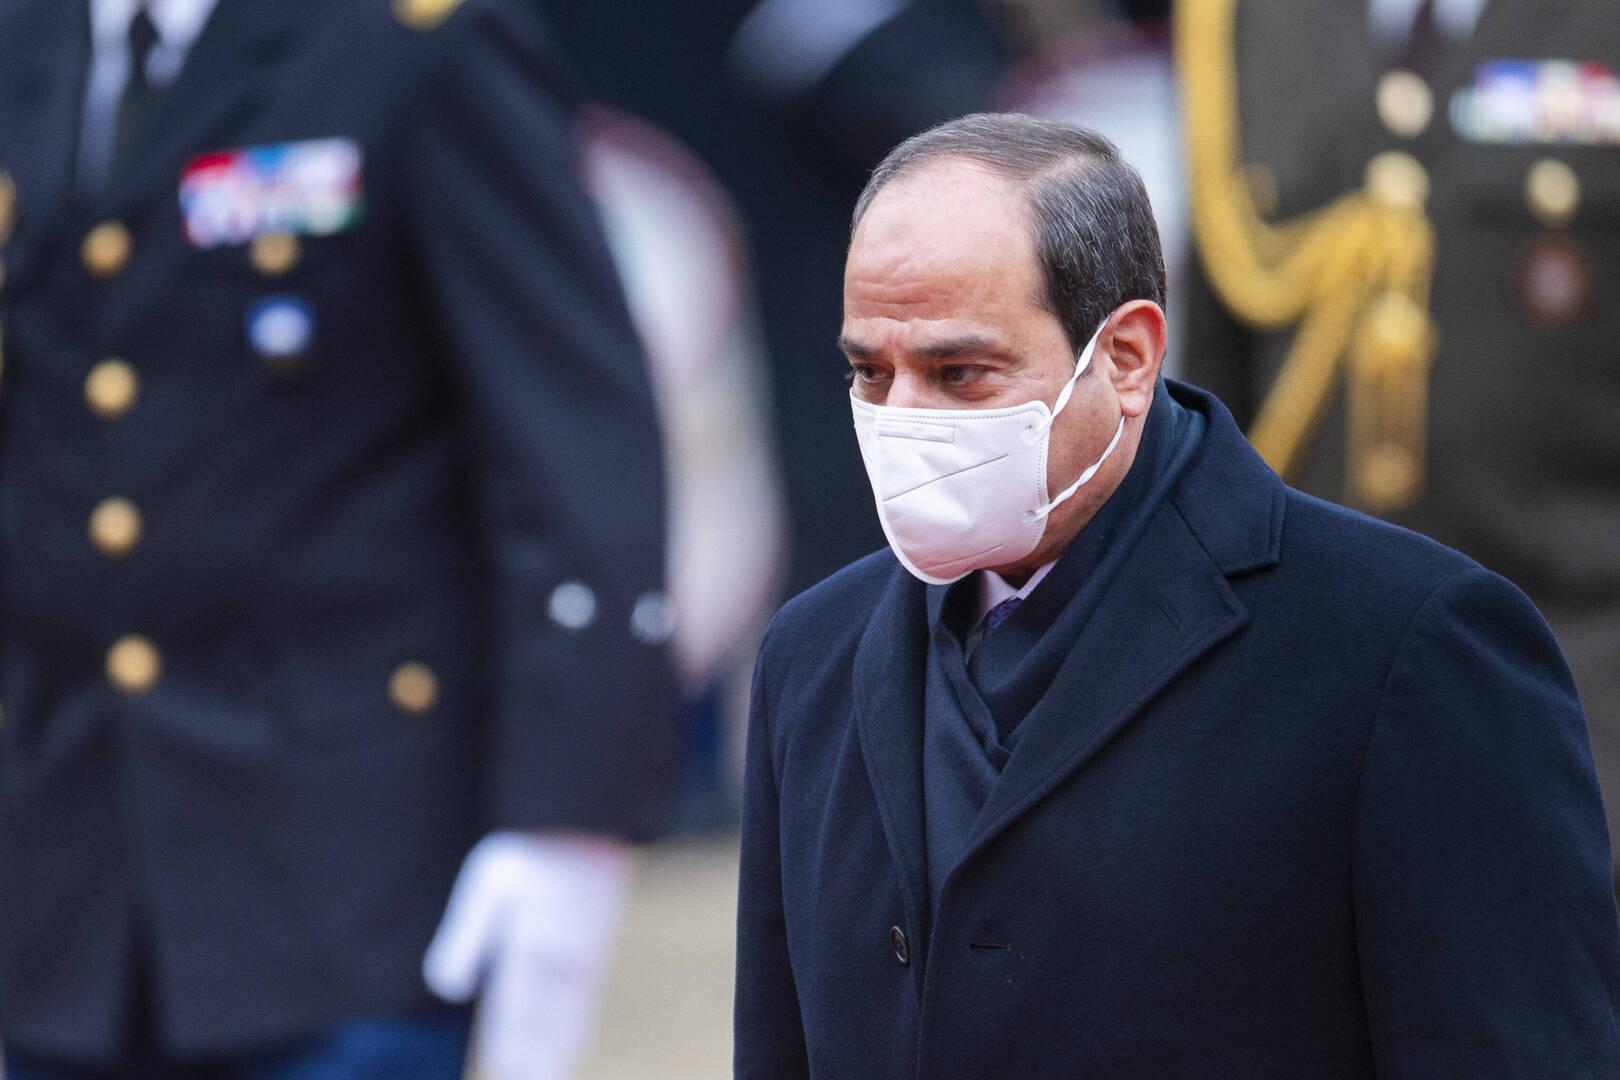 السيسي يعاتب وزير الري على الهواء